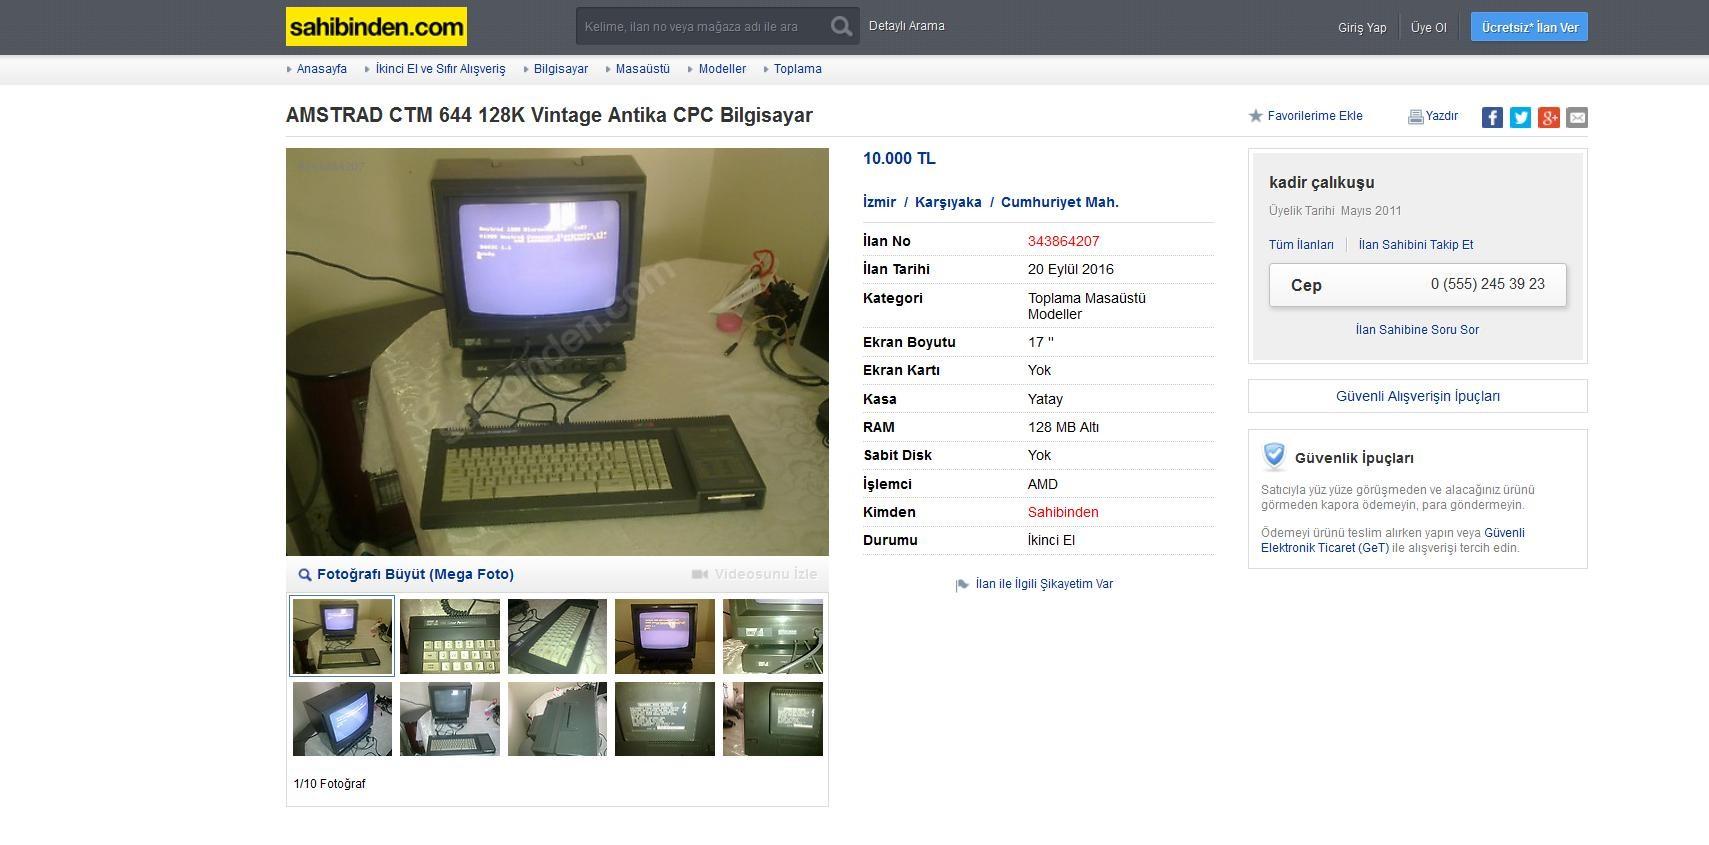 Bilgisayarda sıkıldıysam ne olurum İnternet size yardım etsin